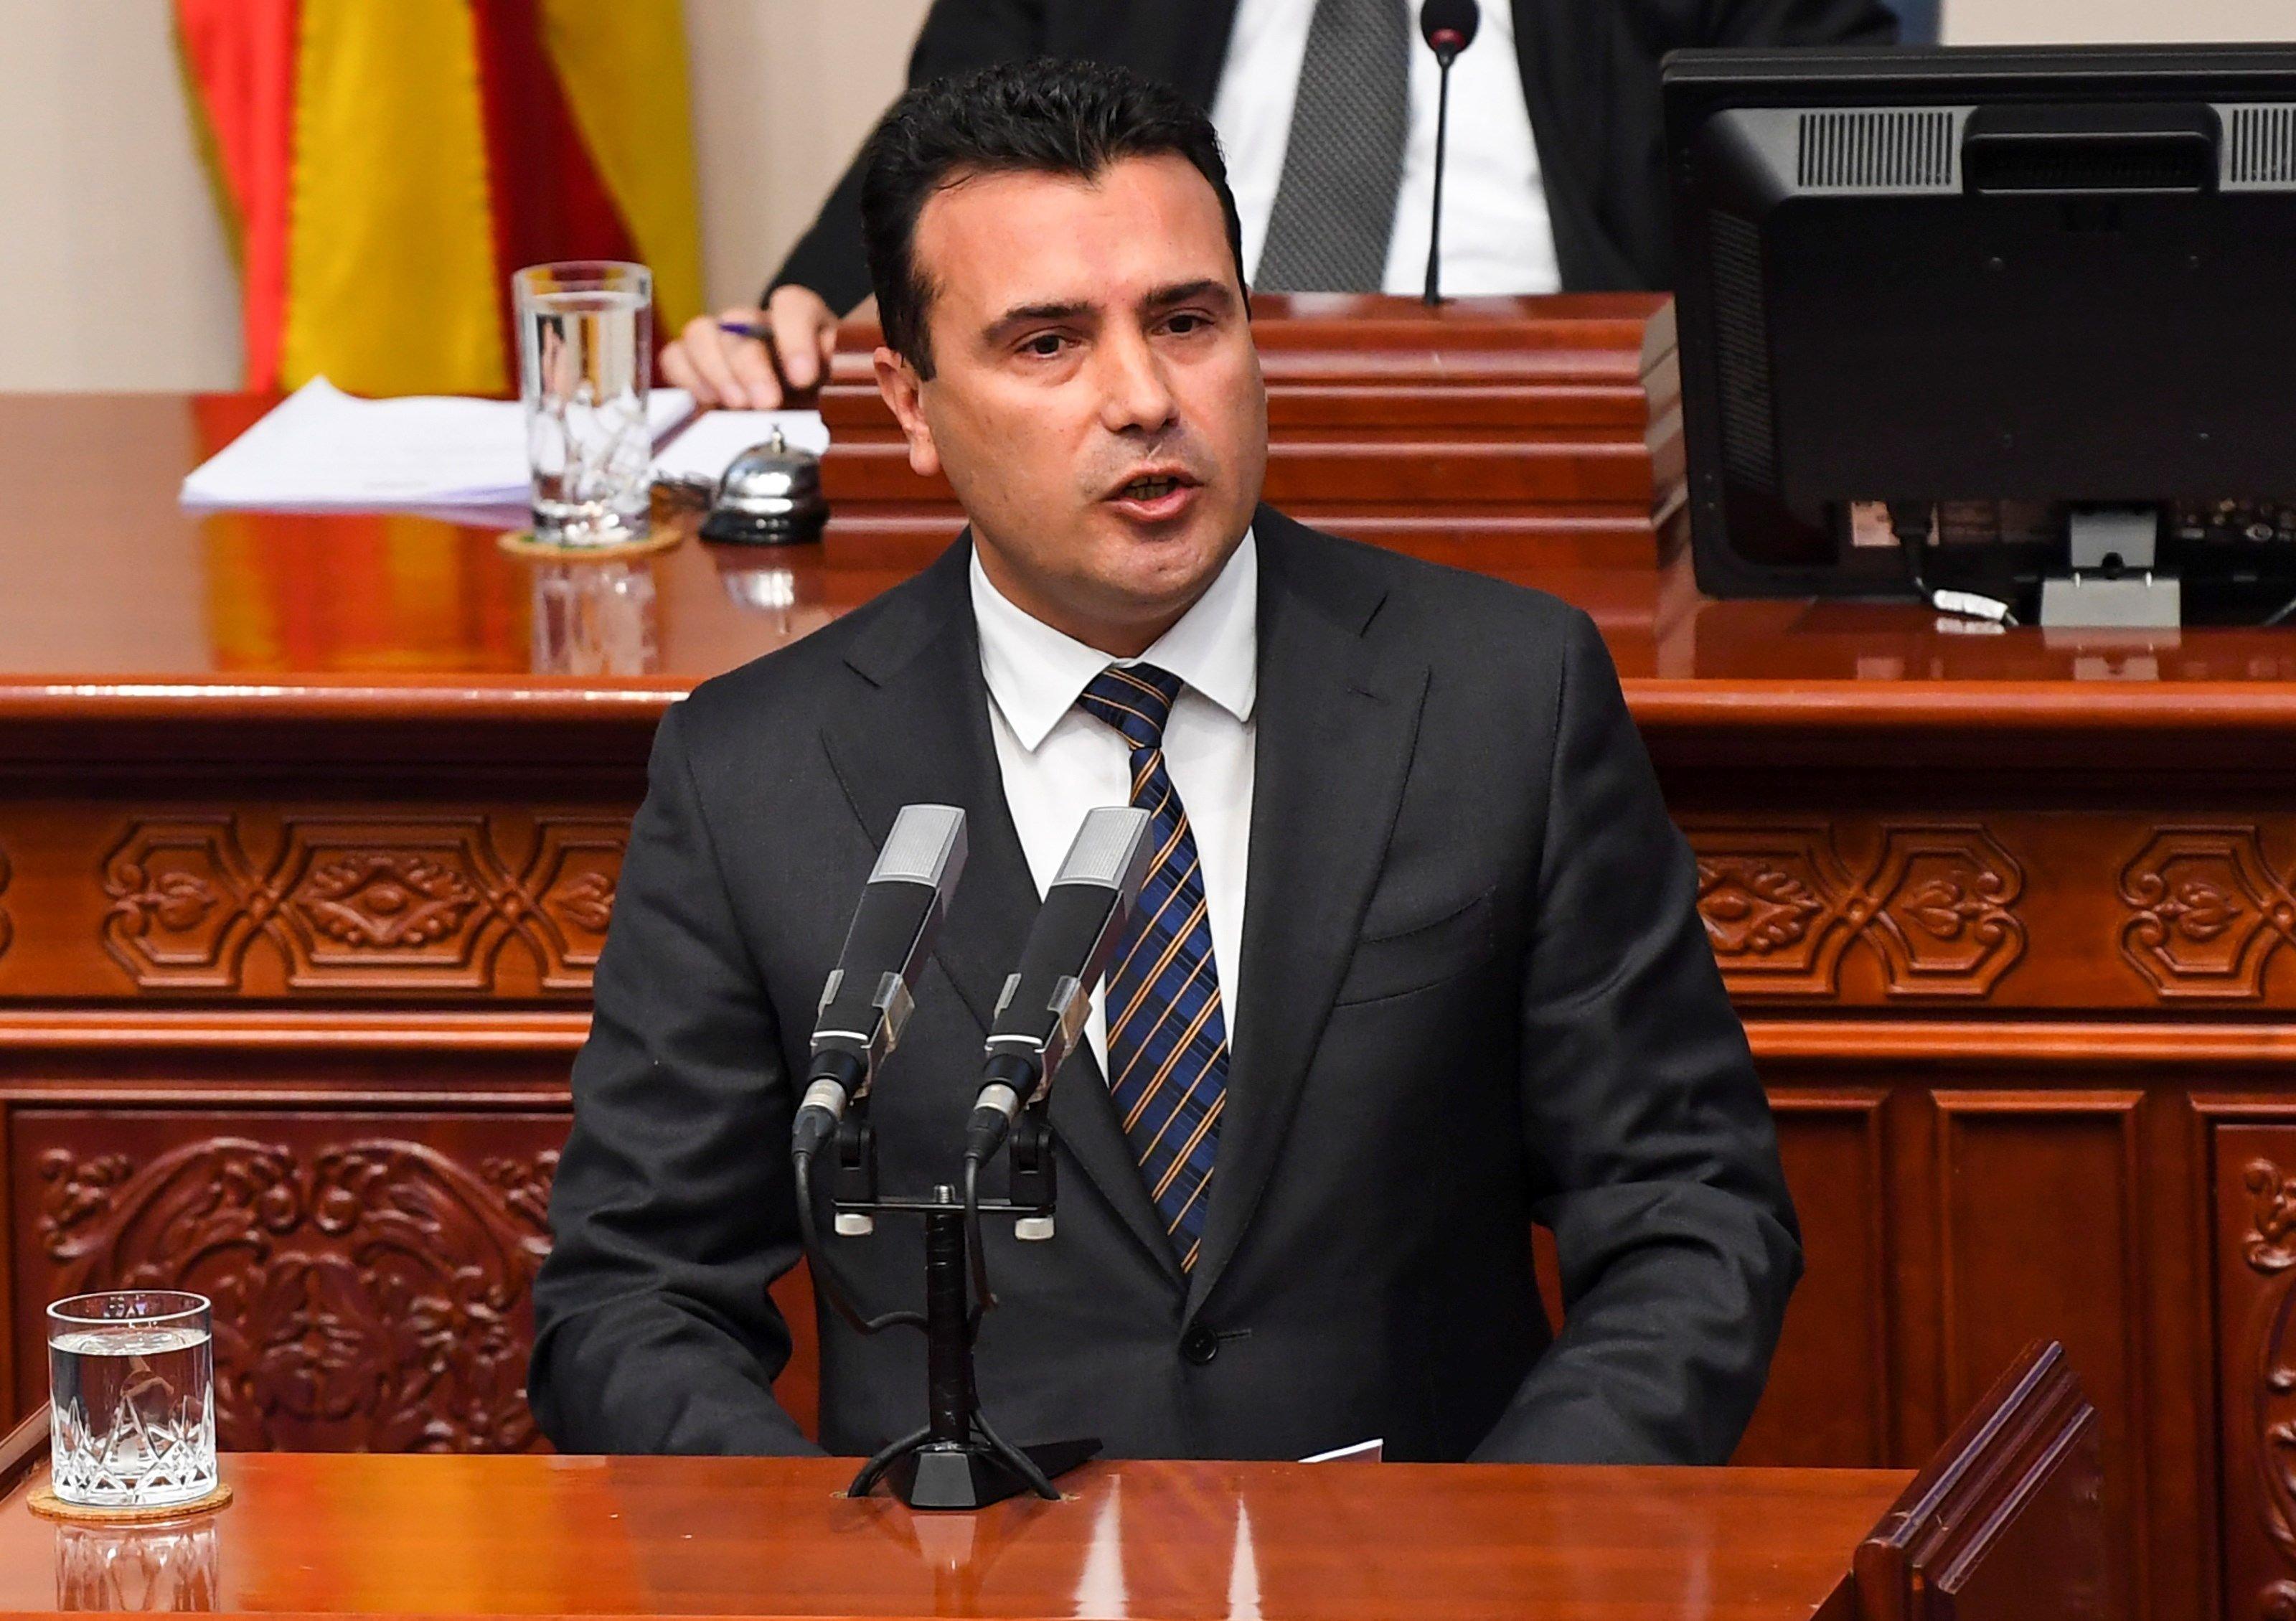 Ζάεφ προς βουλευτές: Ψηφίστε κατά